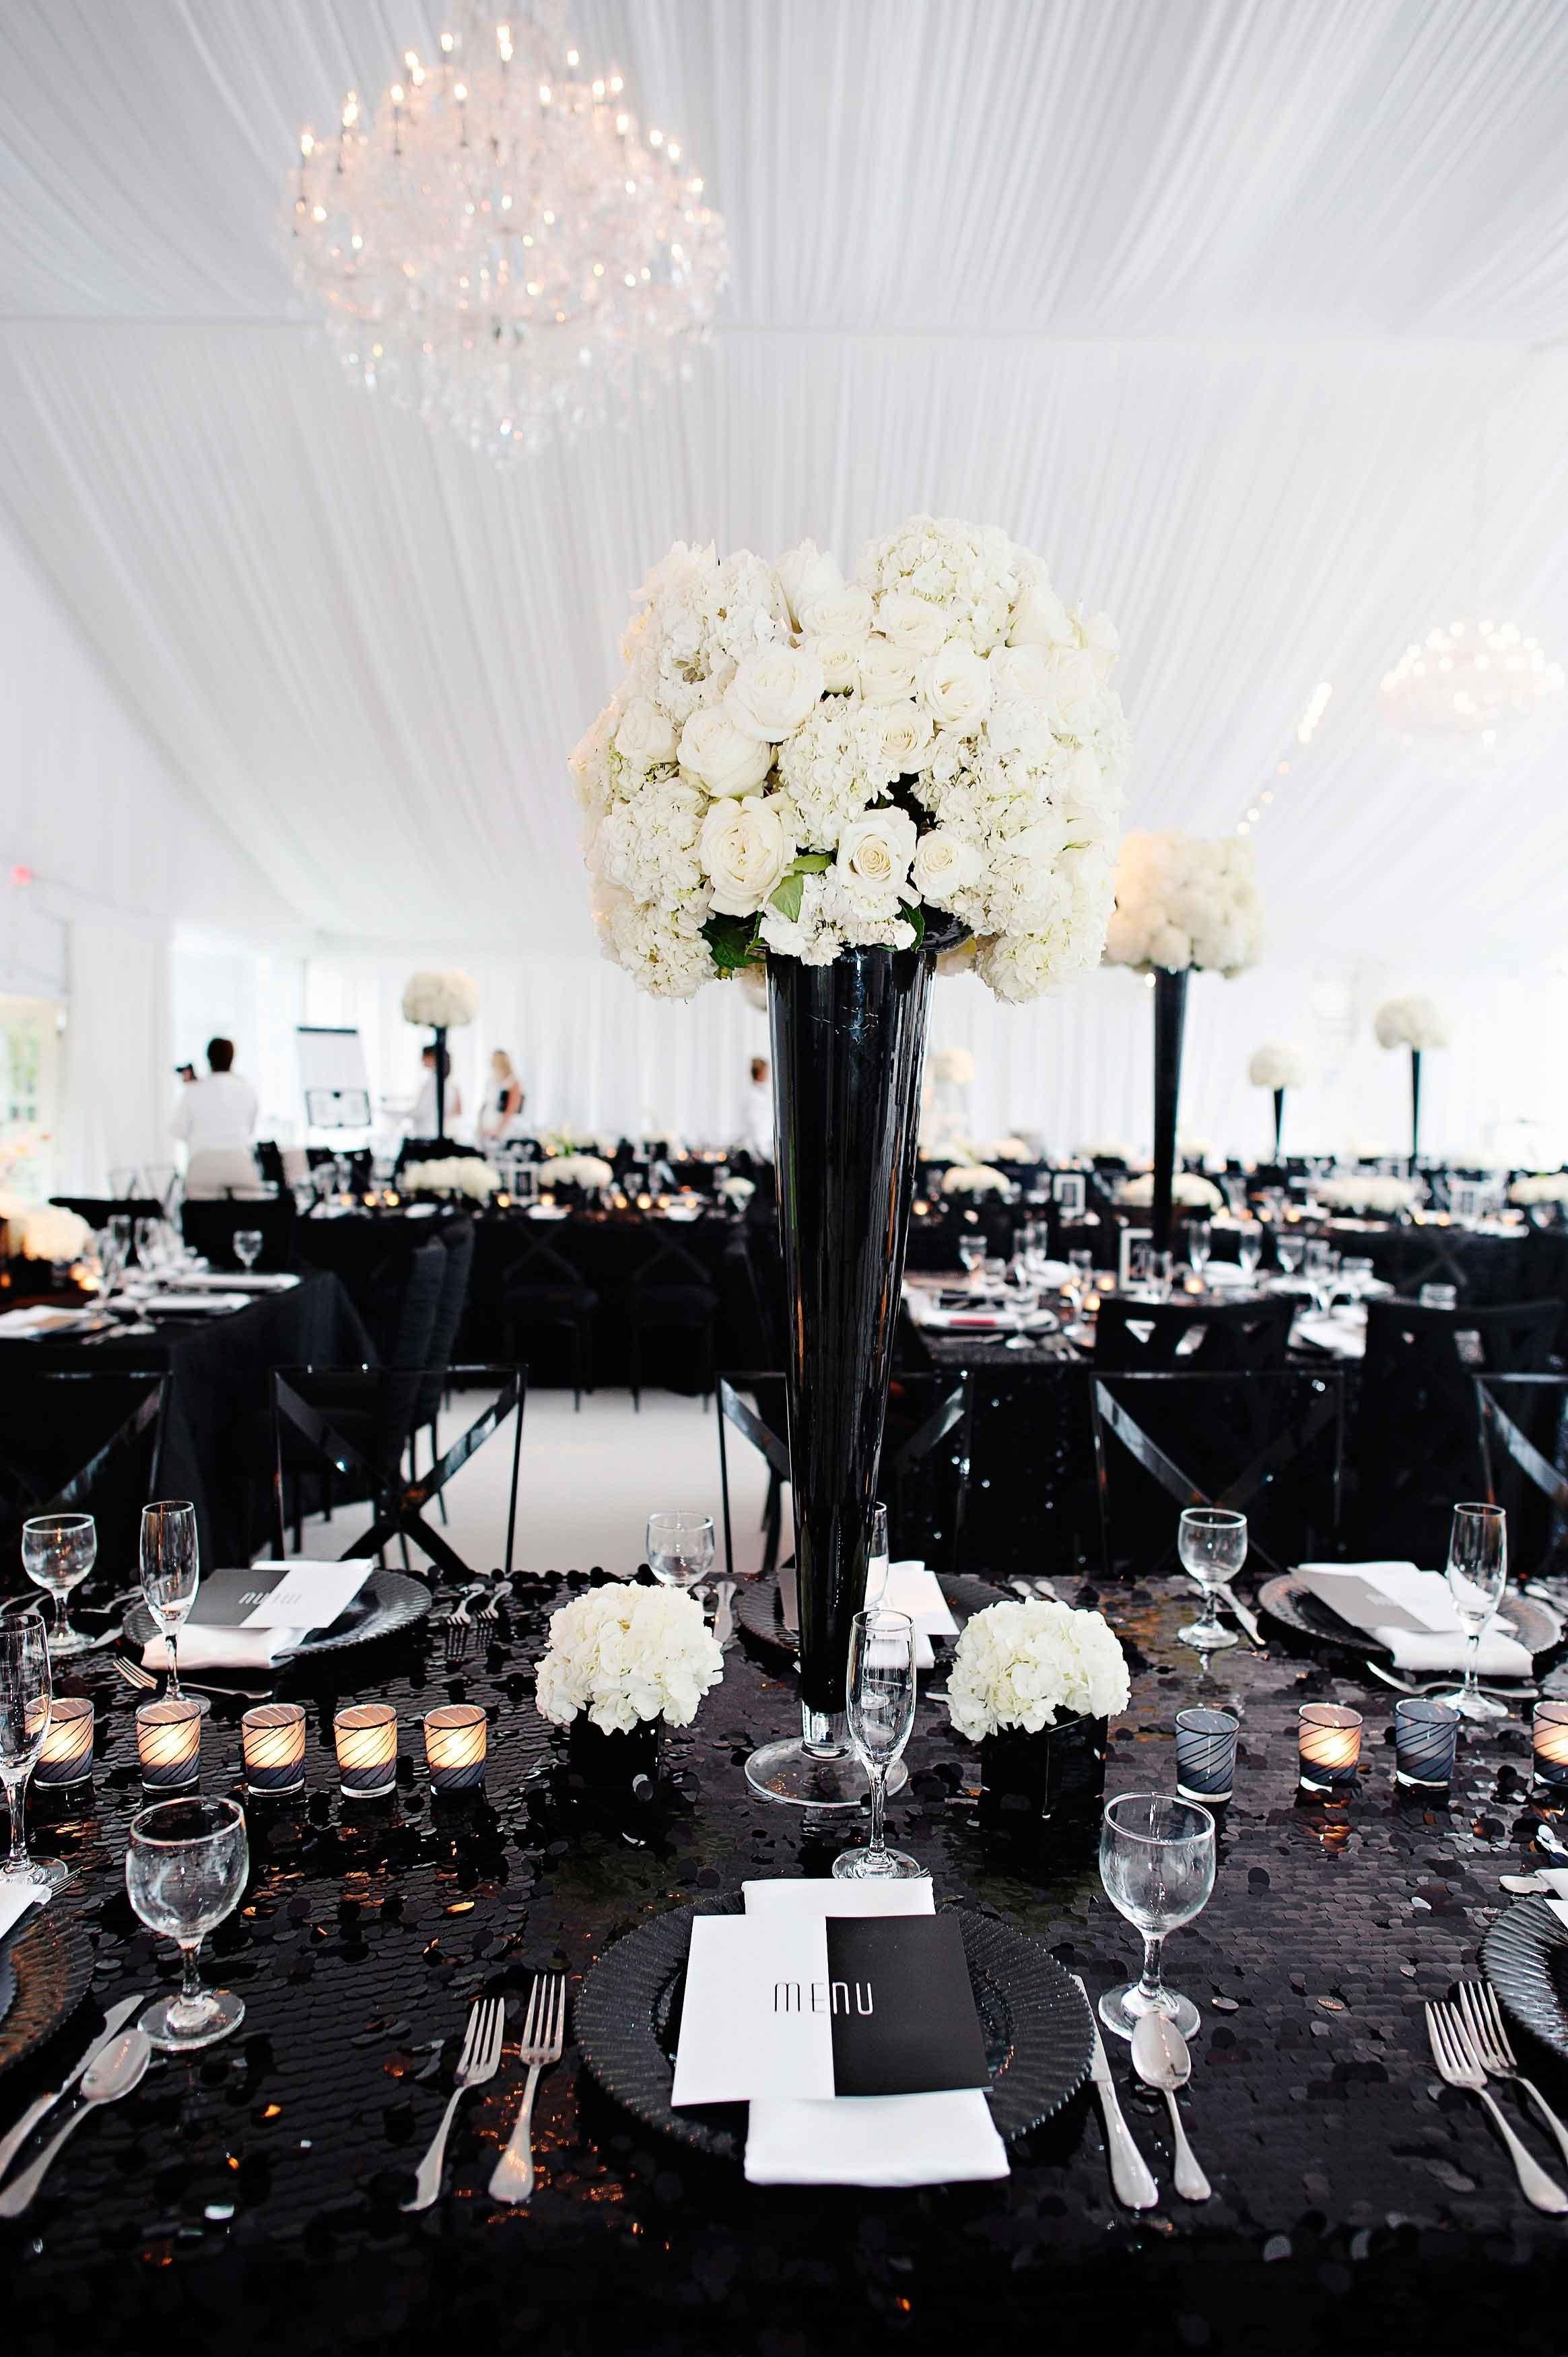 10 Amazing Black And White Wedding Ideas black and white wedding ideas pros and cons inside weddings 2021